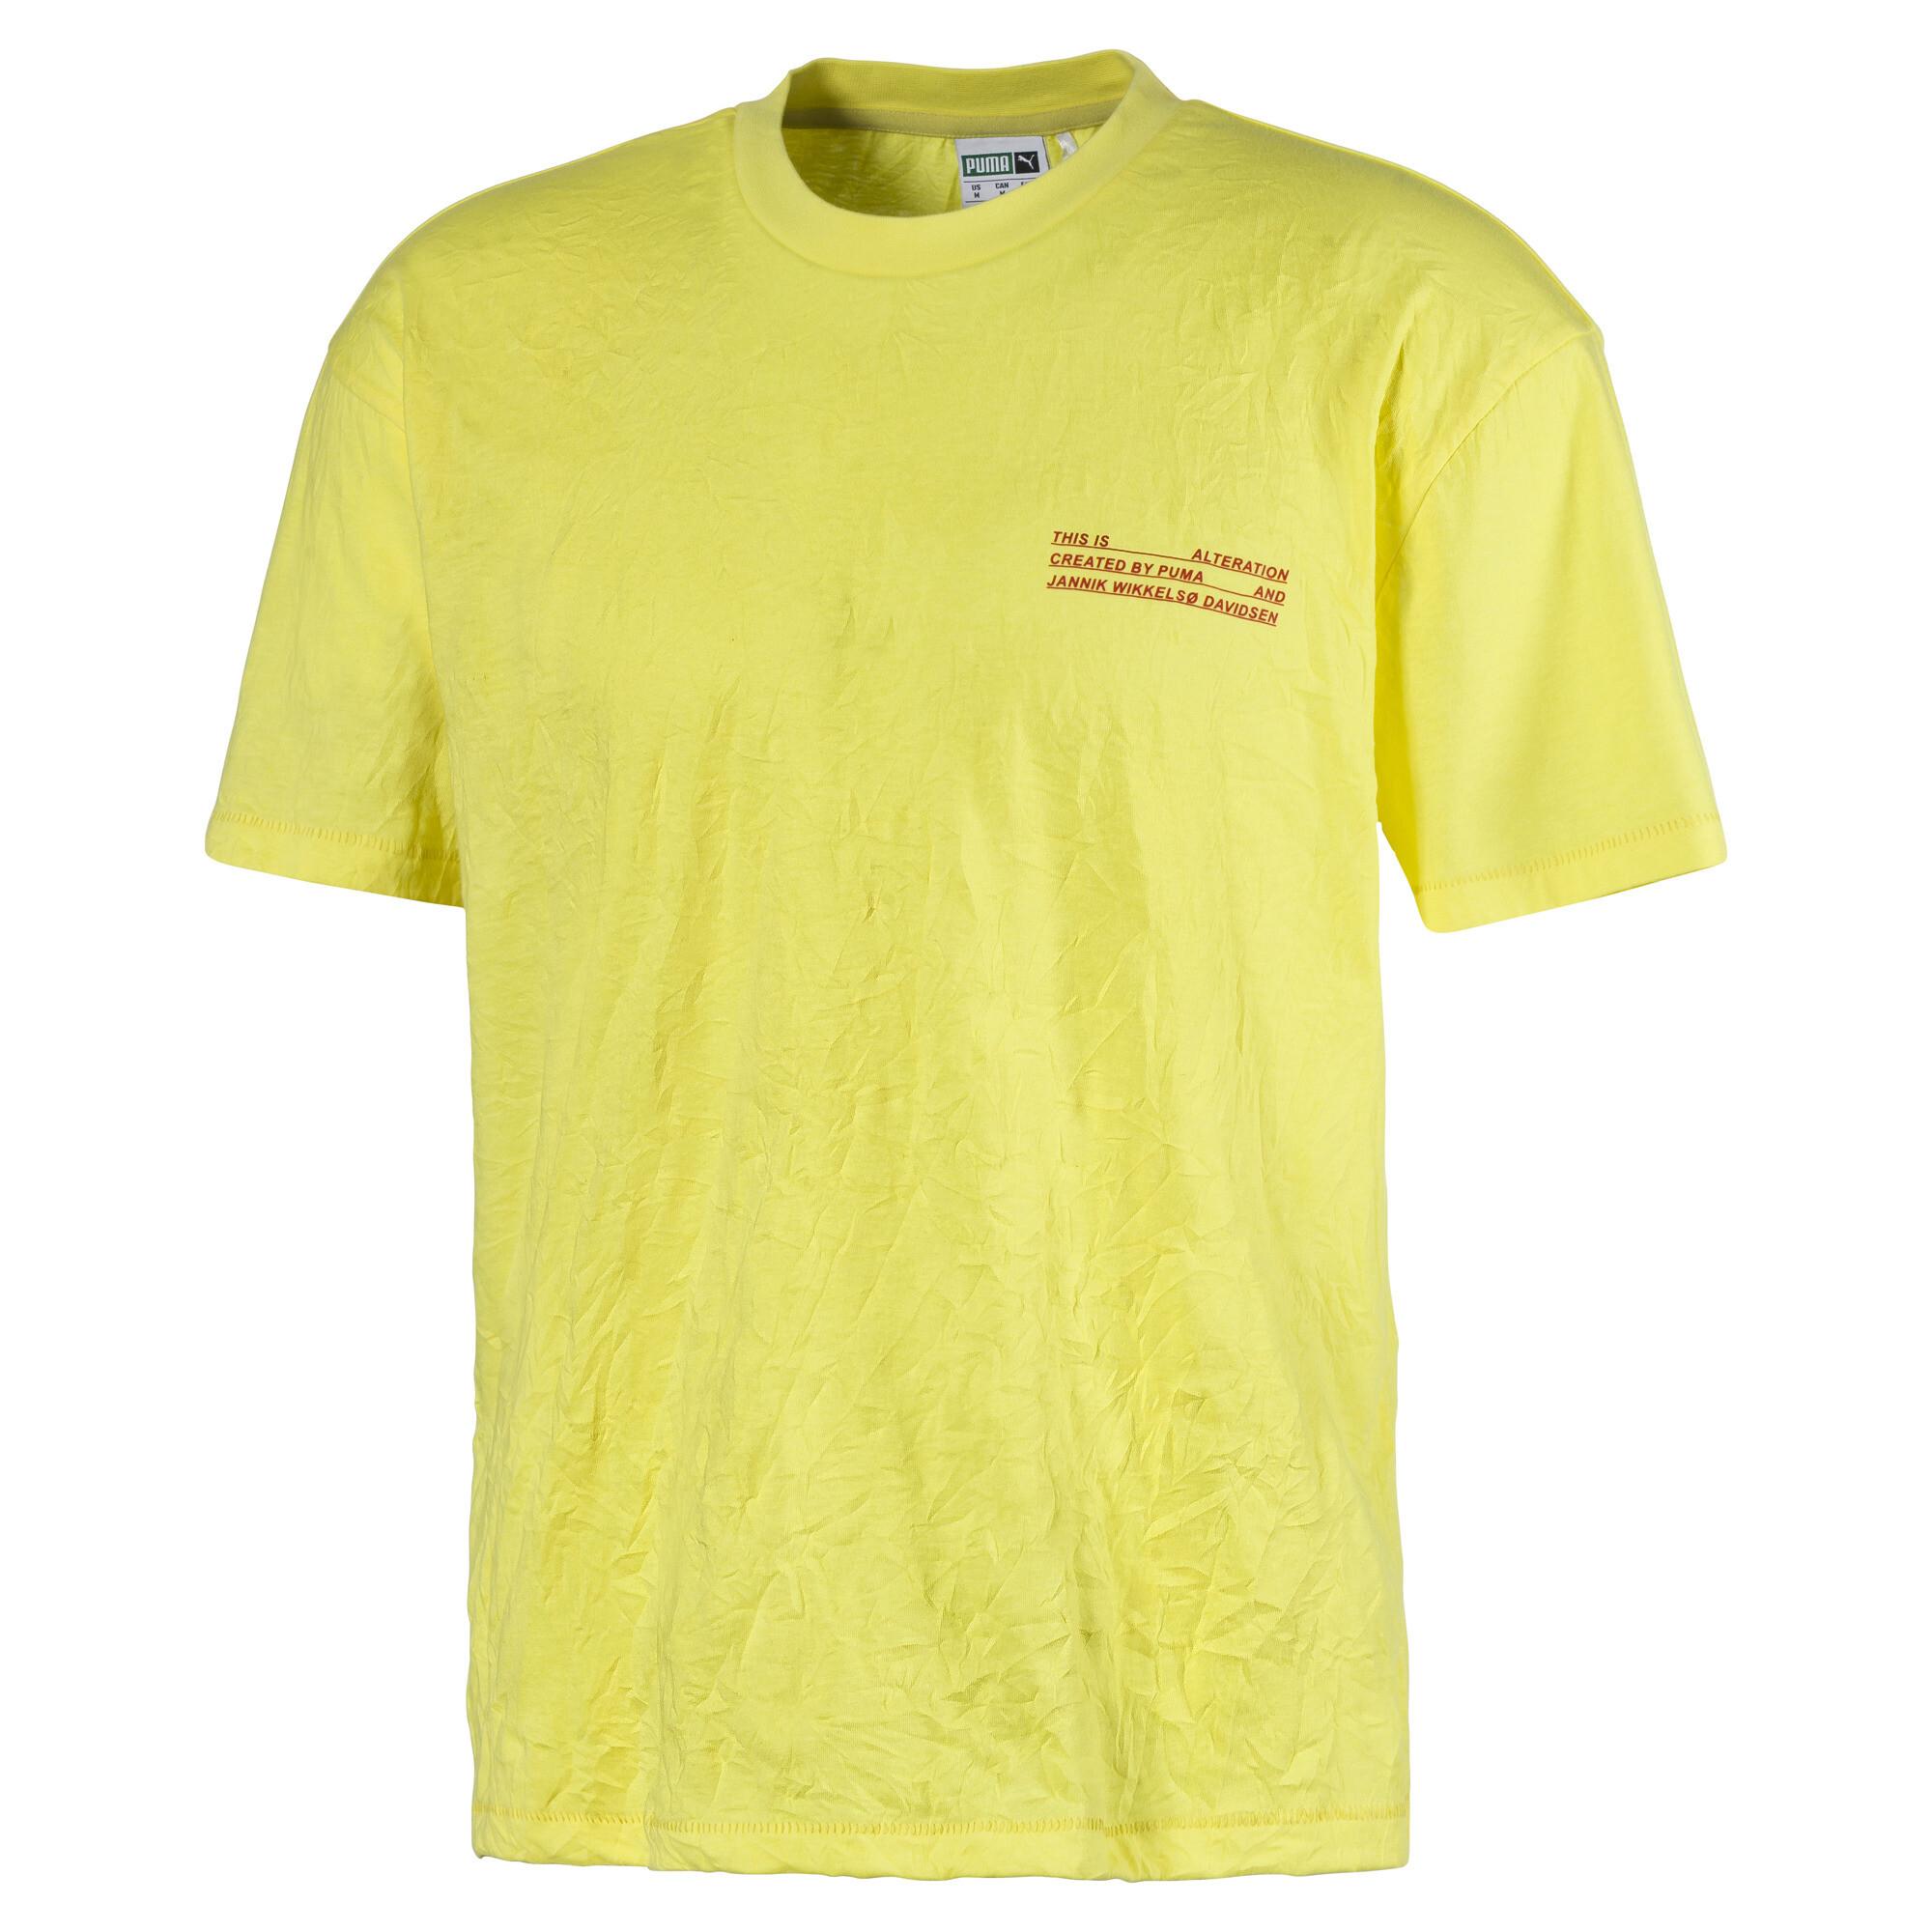 【プーマ公式通販】 プーマ オルタレーション Tシャツ メンズ Aurora |PUMA.com